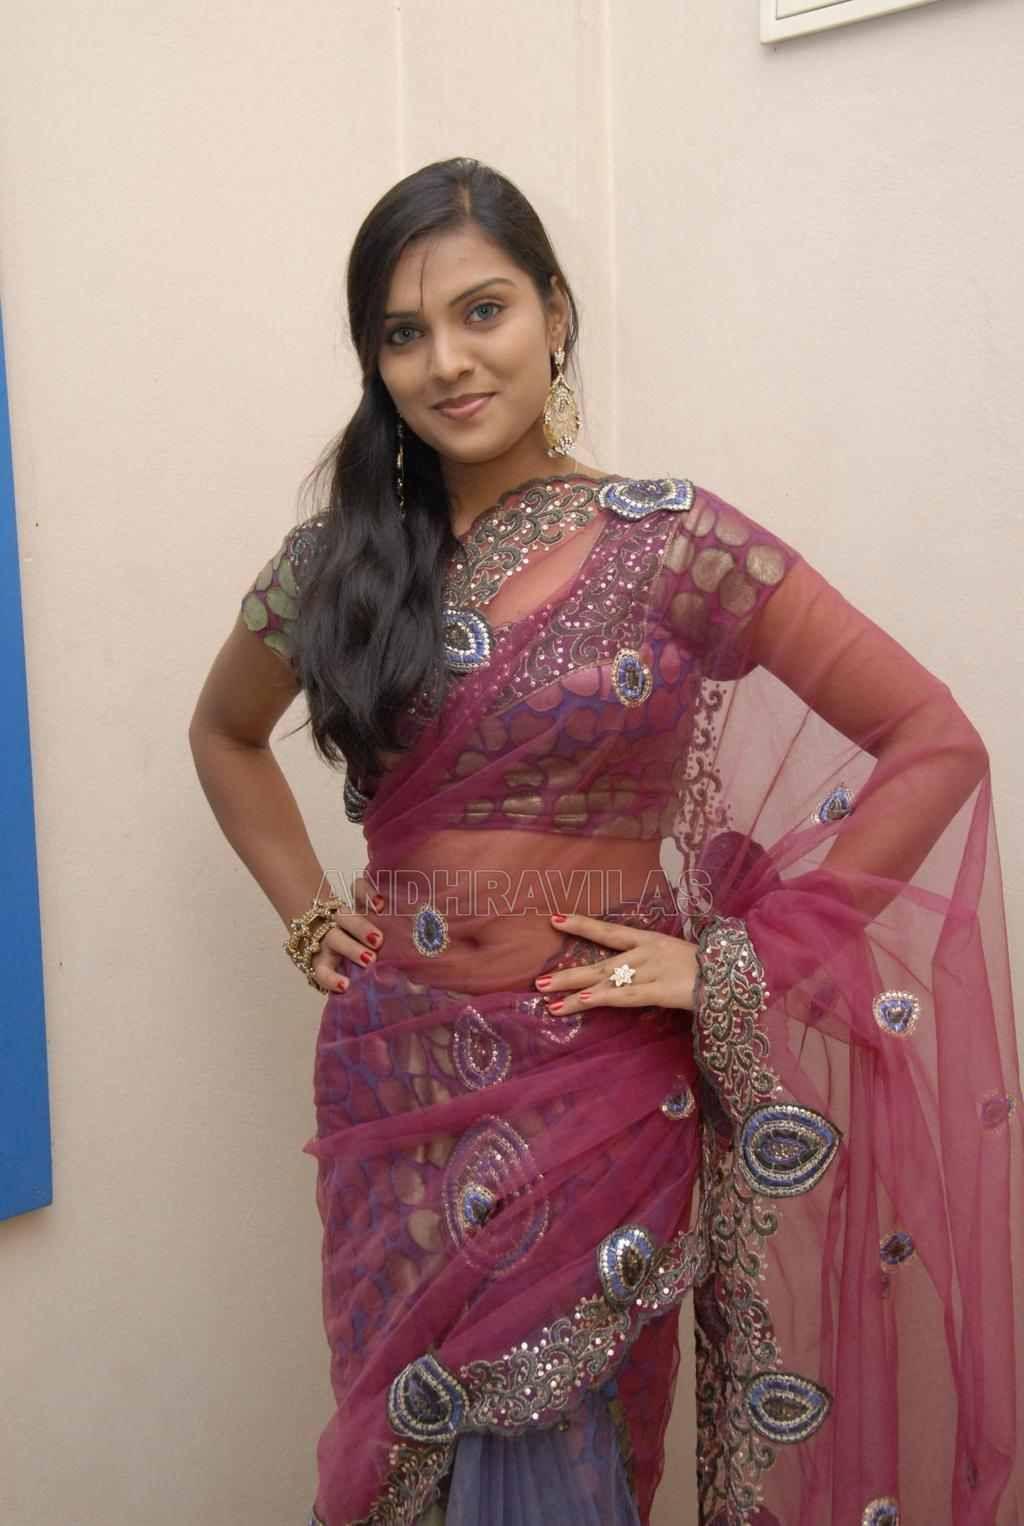 deshi girls beauty photos